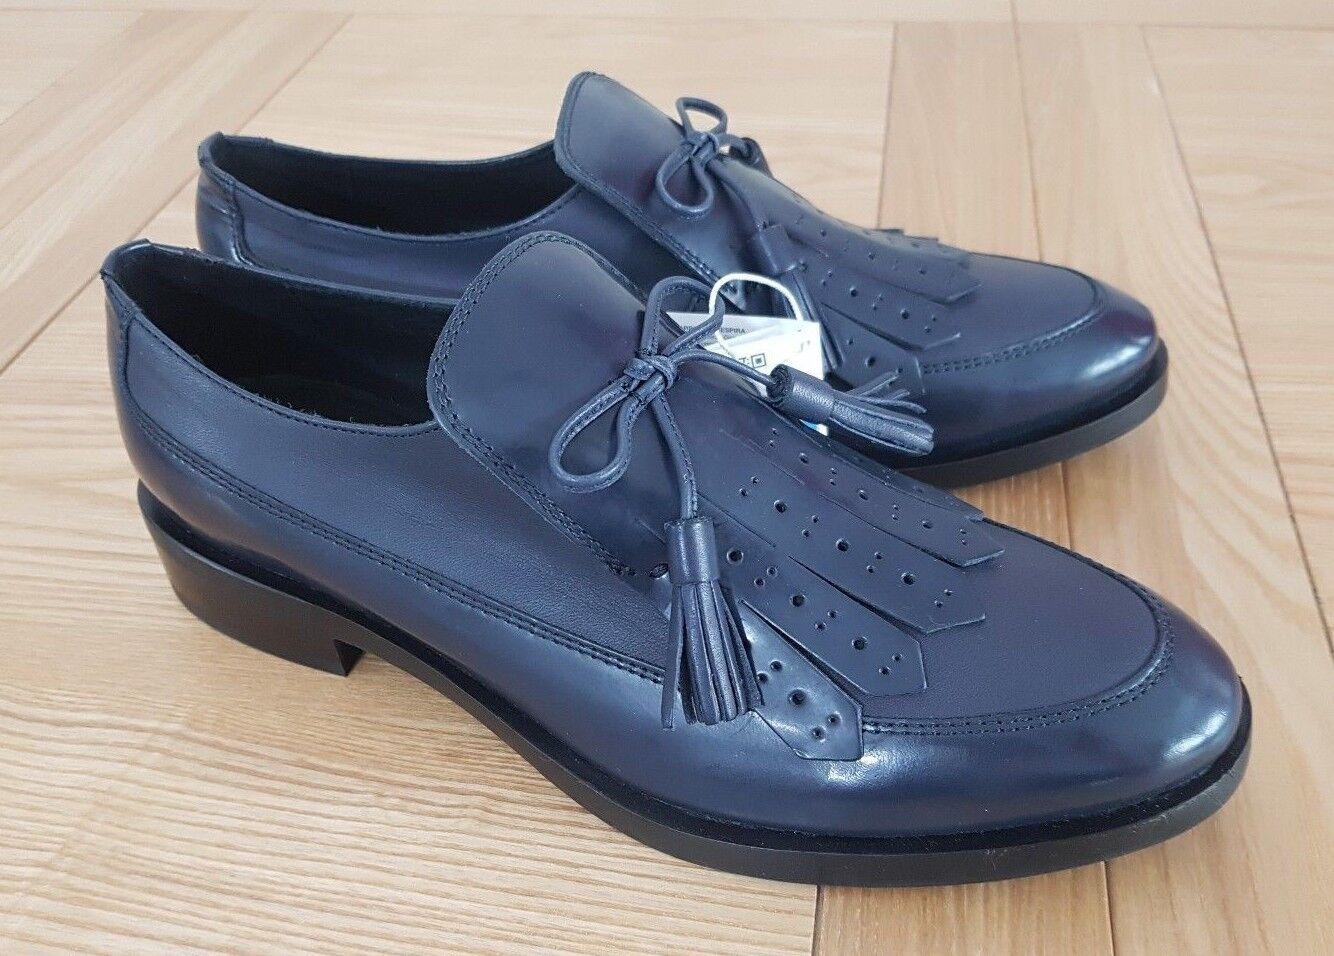 Geox Respira Brogue F Navy Leder / Grau Leder Navy Casual Damenschuhe Tassel Brogue Loafers 80b133